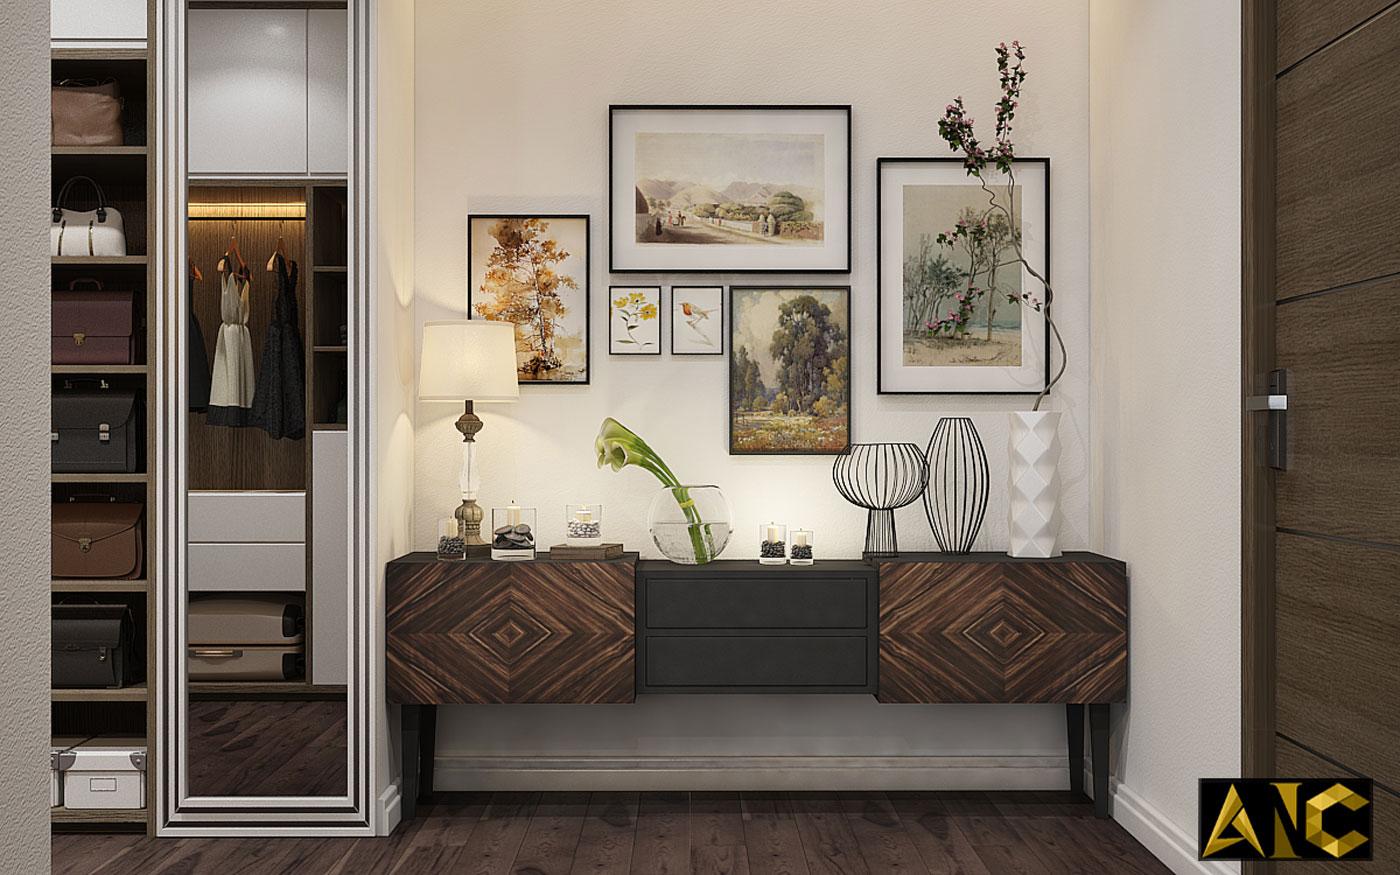 Thiết kế thi công nội thất: Penhouse City Plaza phòng ngủ master view 3